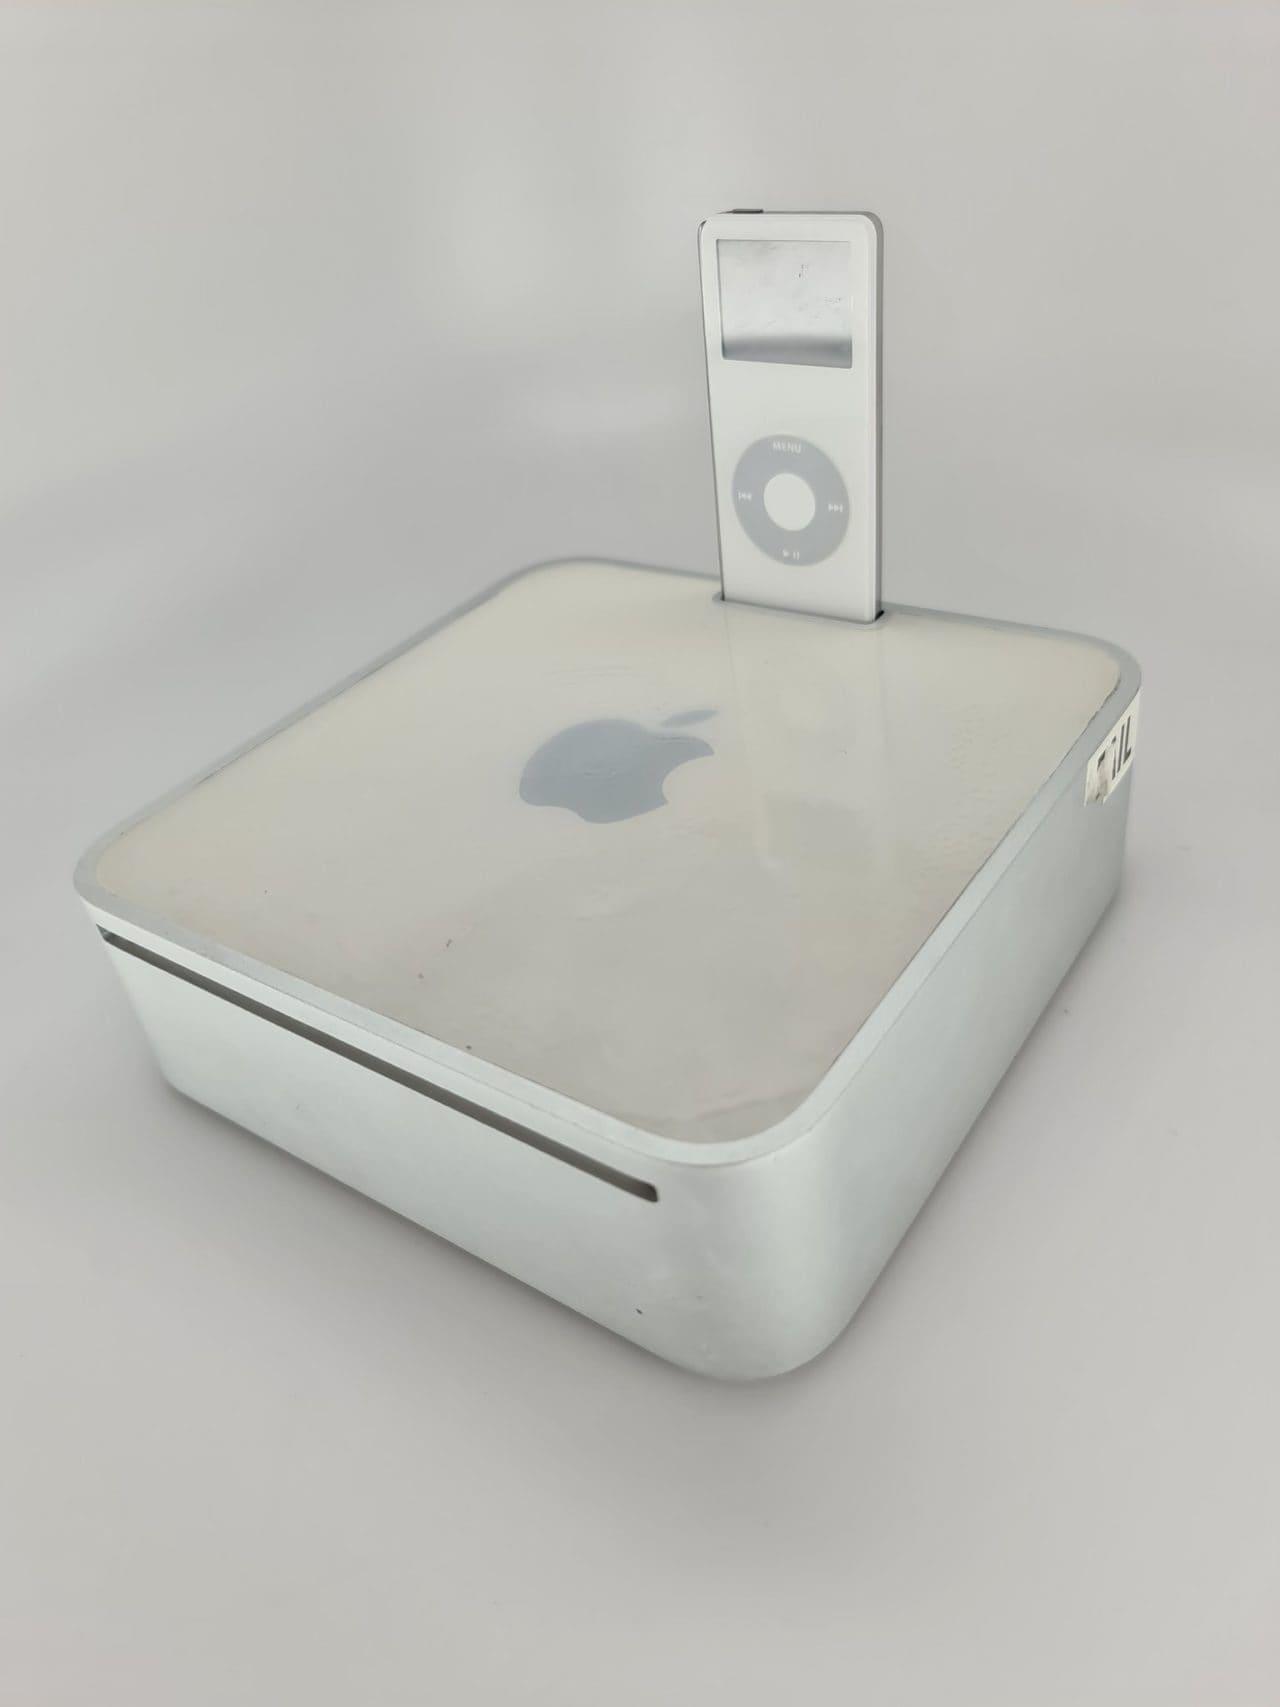 E questo cos'è, un Mac mini con dock per iPod nano?! (foto)